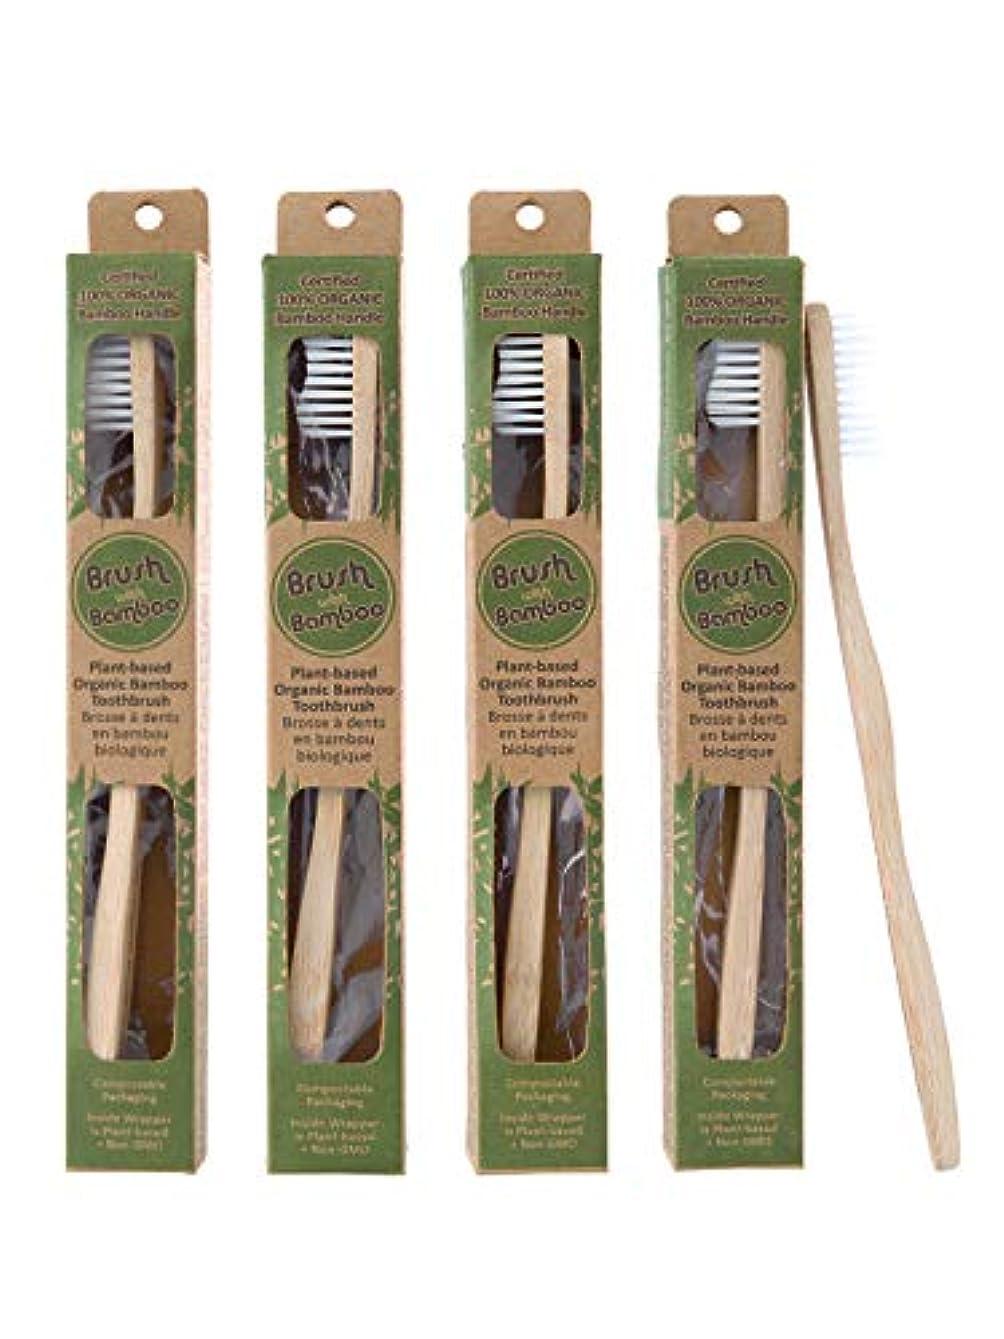 私たちの私たちの男やもめPlant-based Bamboo Toothbrush Adult Size 4 Pack by Brush with Bamboo